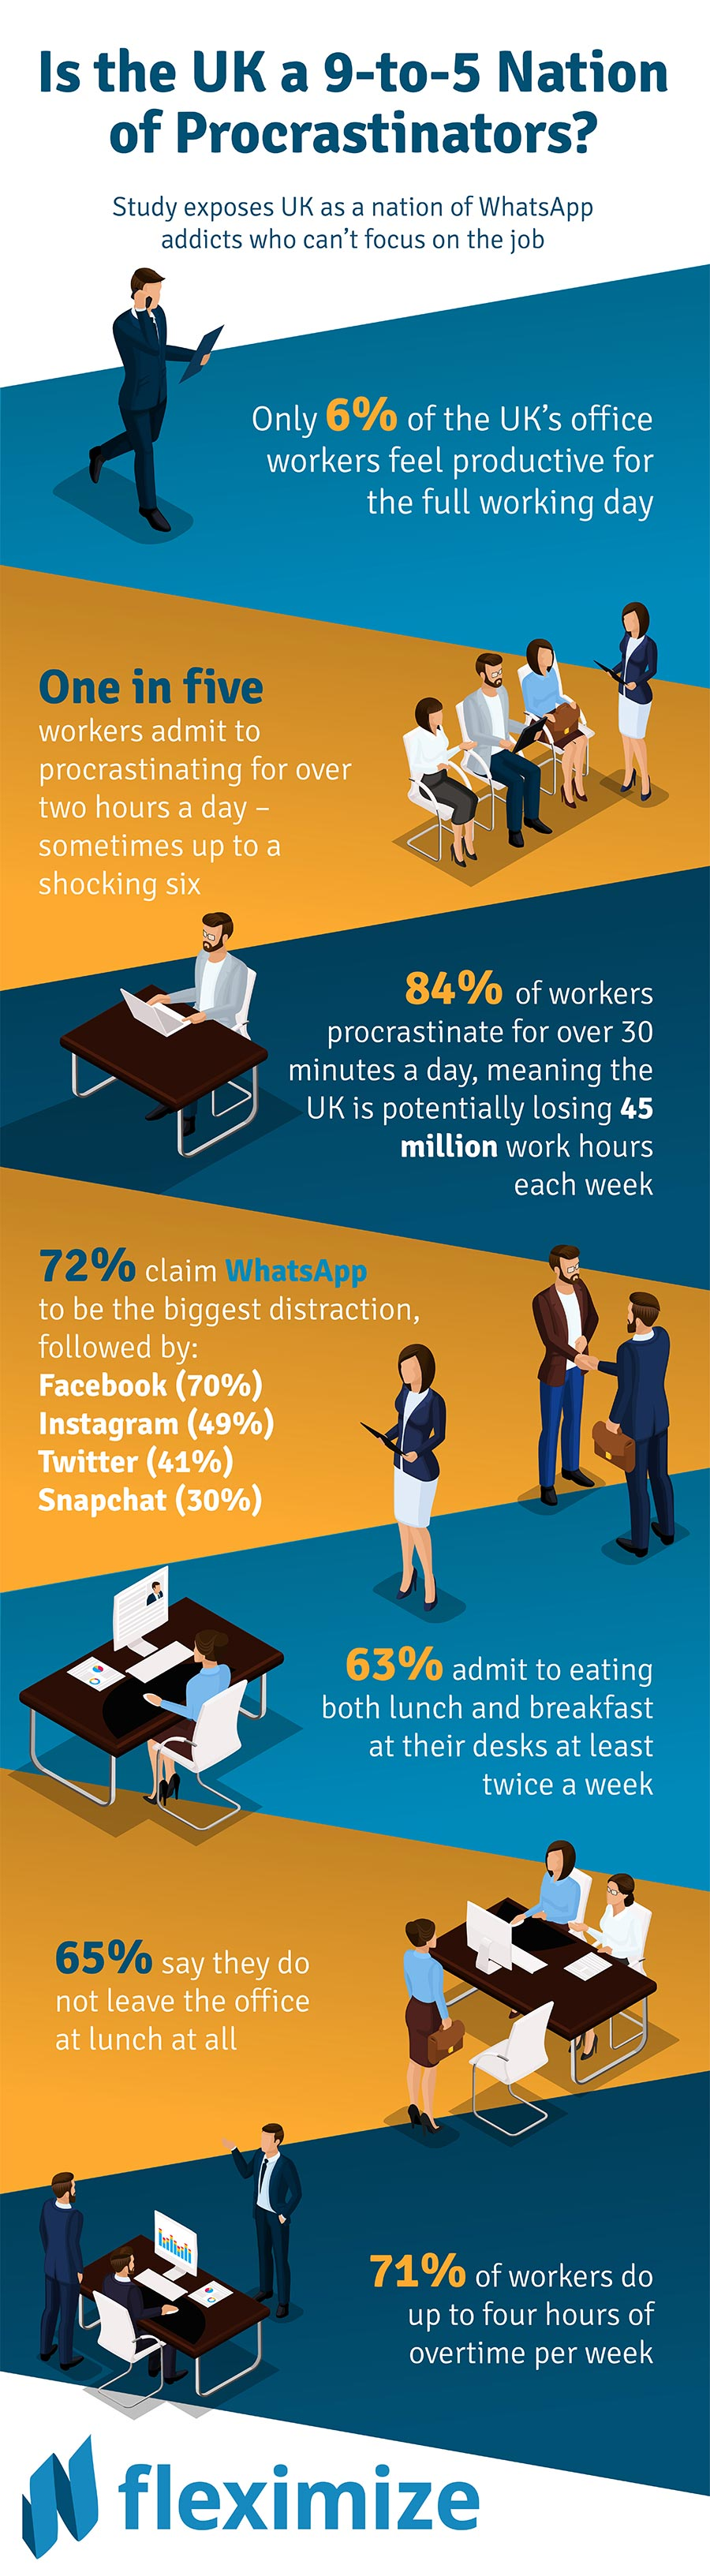 Fleximize Reveals Workers' Procrastination Habits